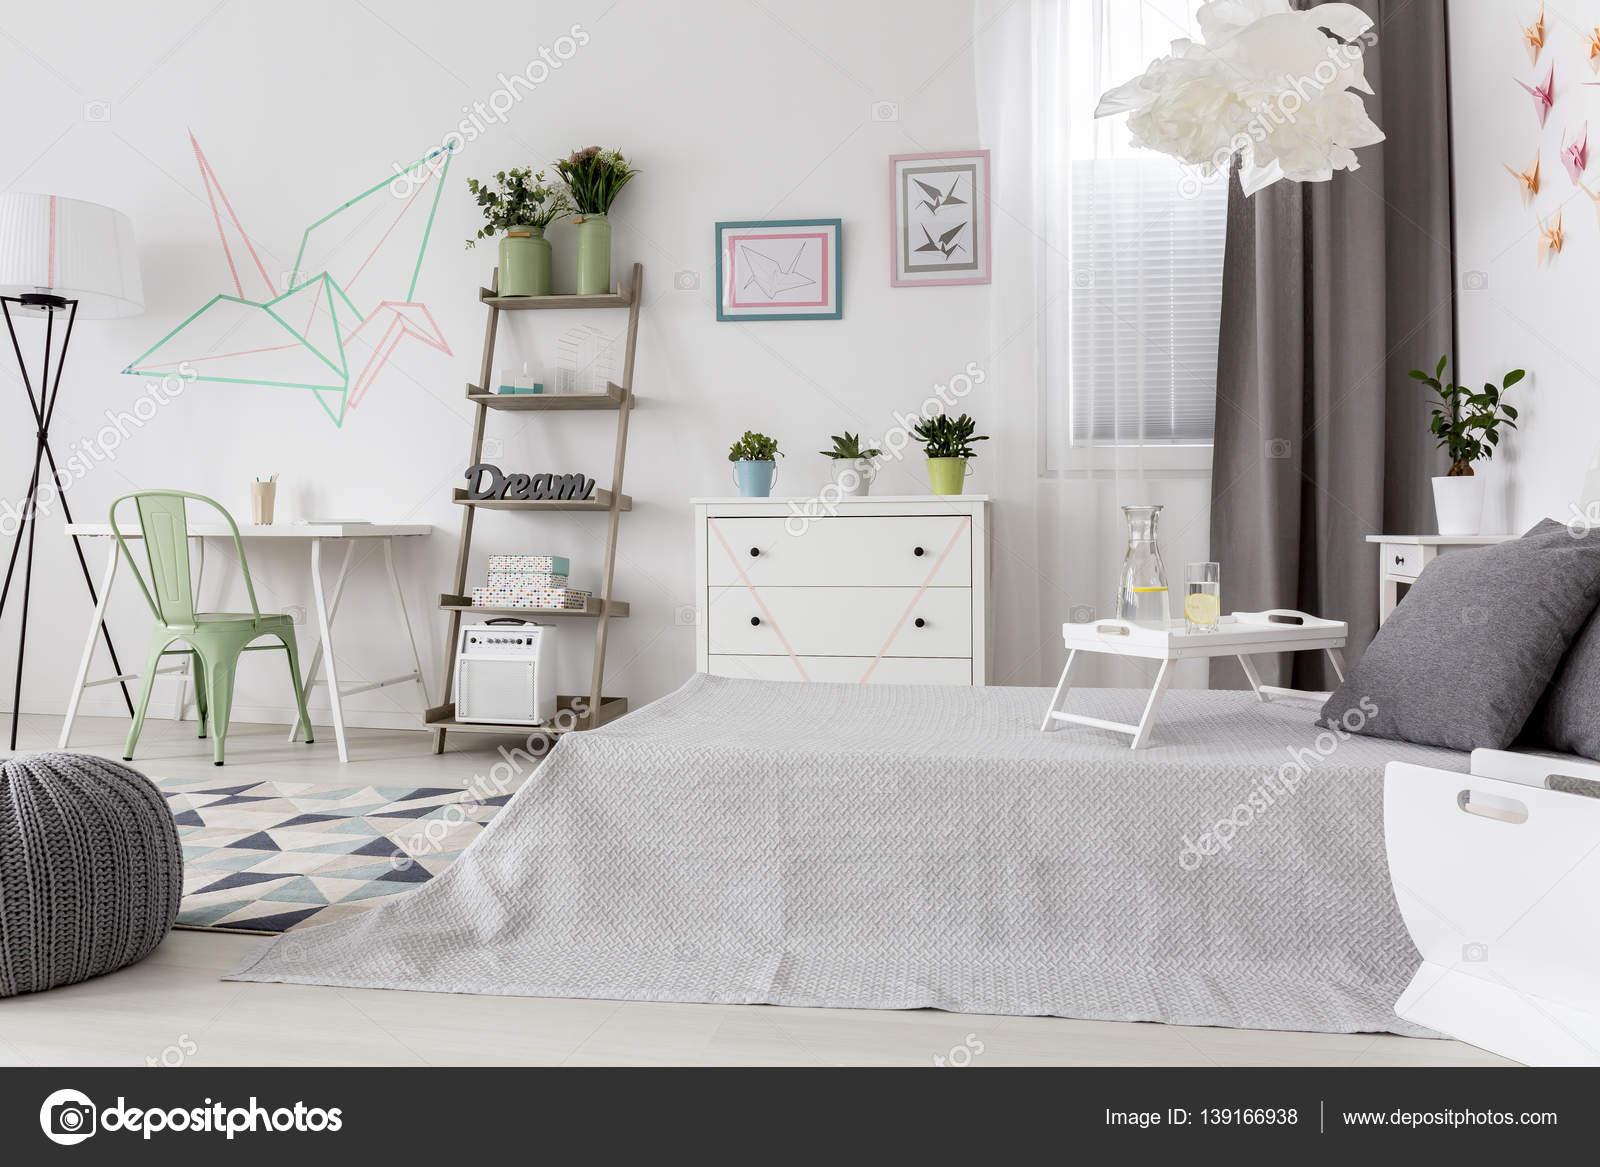 schlafzimmer ideen bunt minecraft bettw sche kaufen wandtattoo schlafzimmer ebay ikea lampe. Black Bedroom Furniture Sets. Home Design Ideas